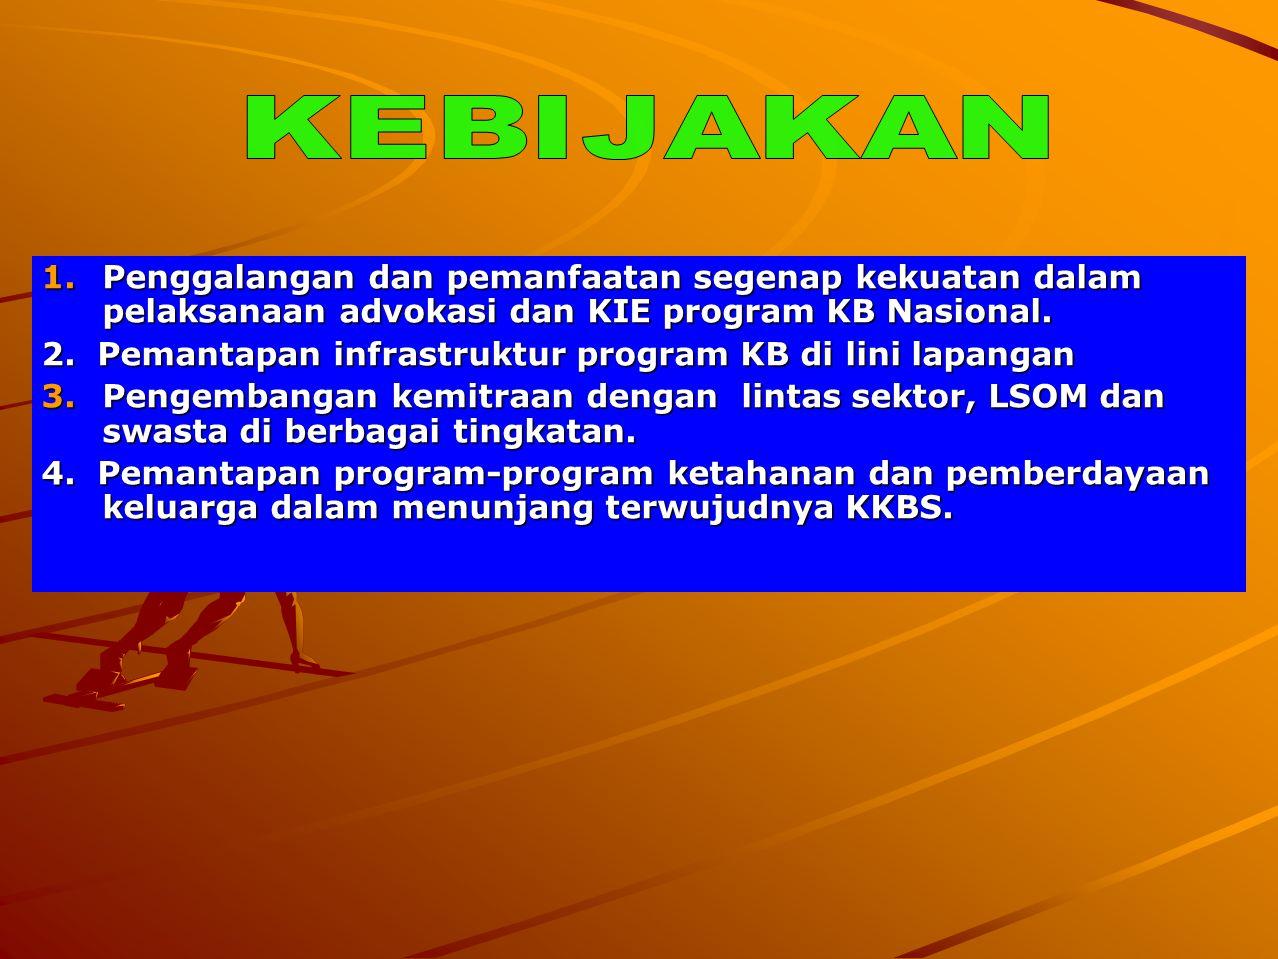 2. Pemantapan infrastruktur program KB di lini lapangan